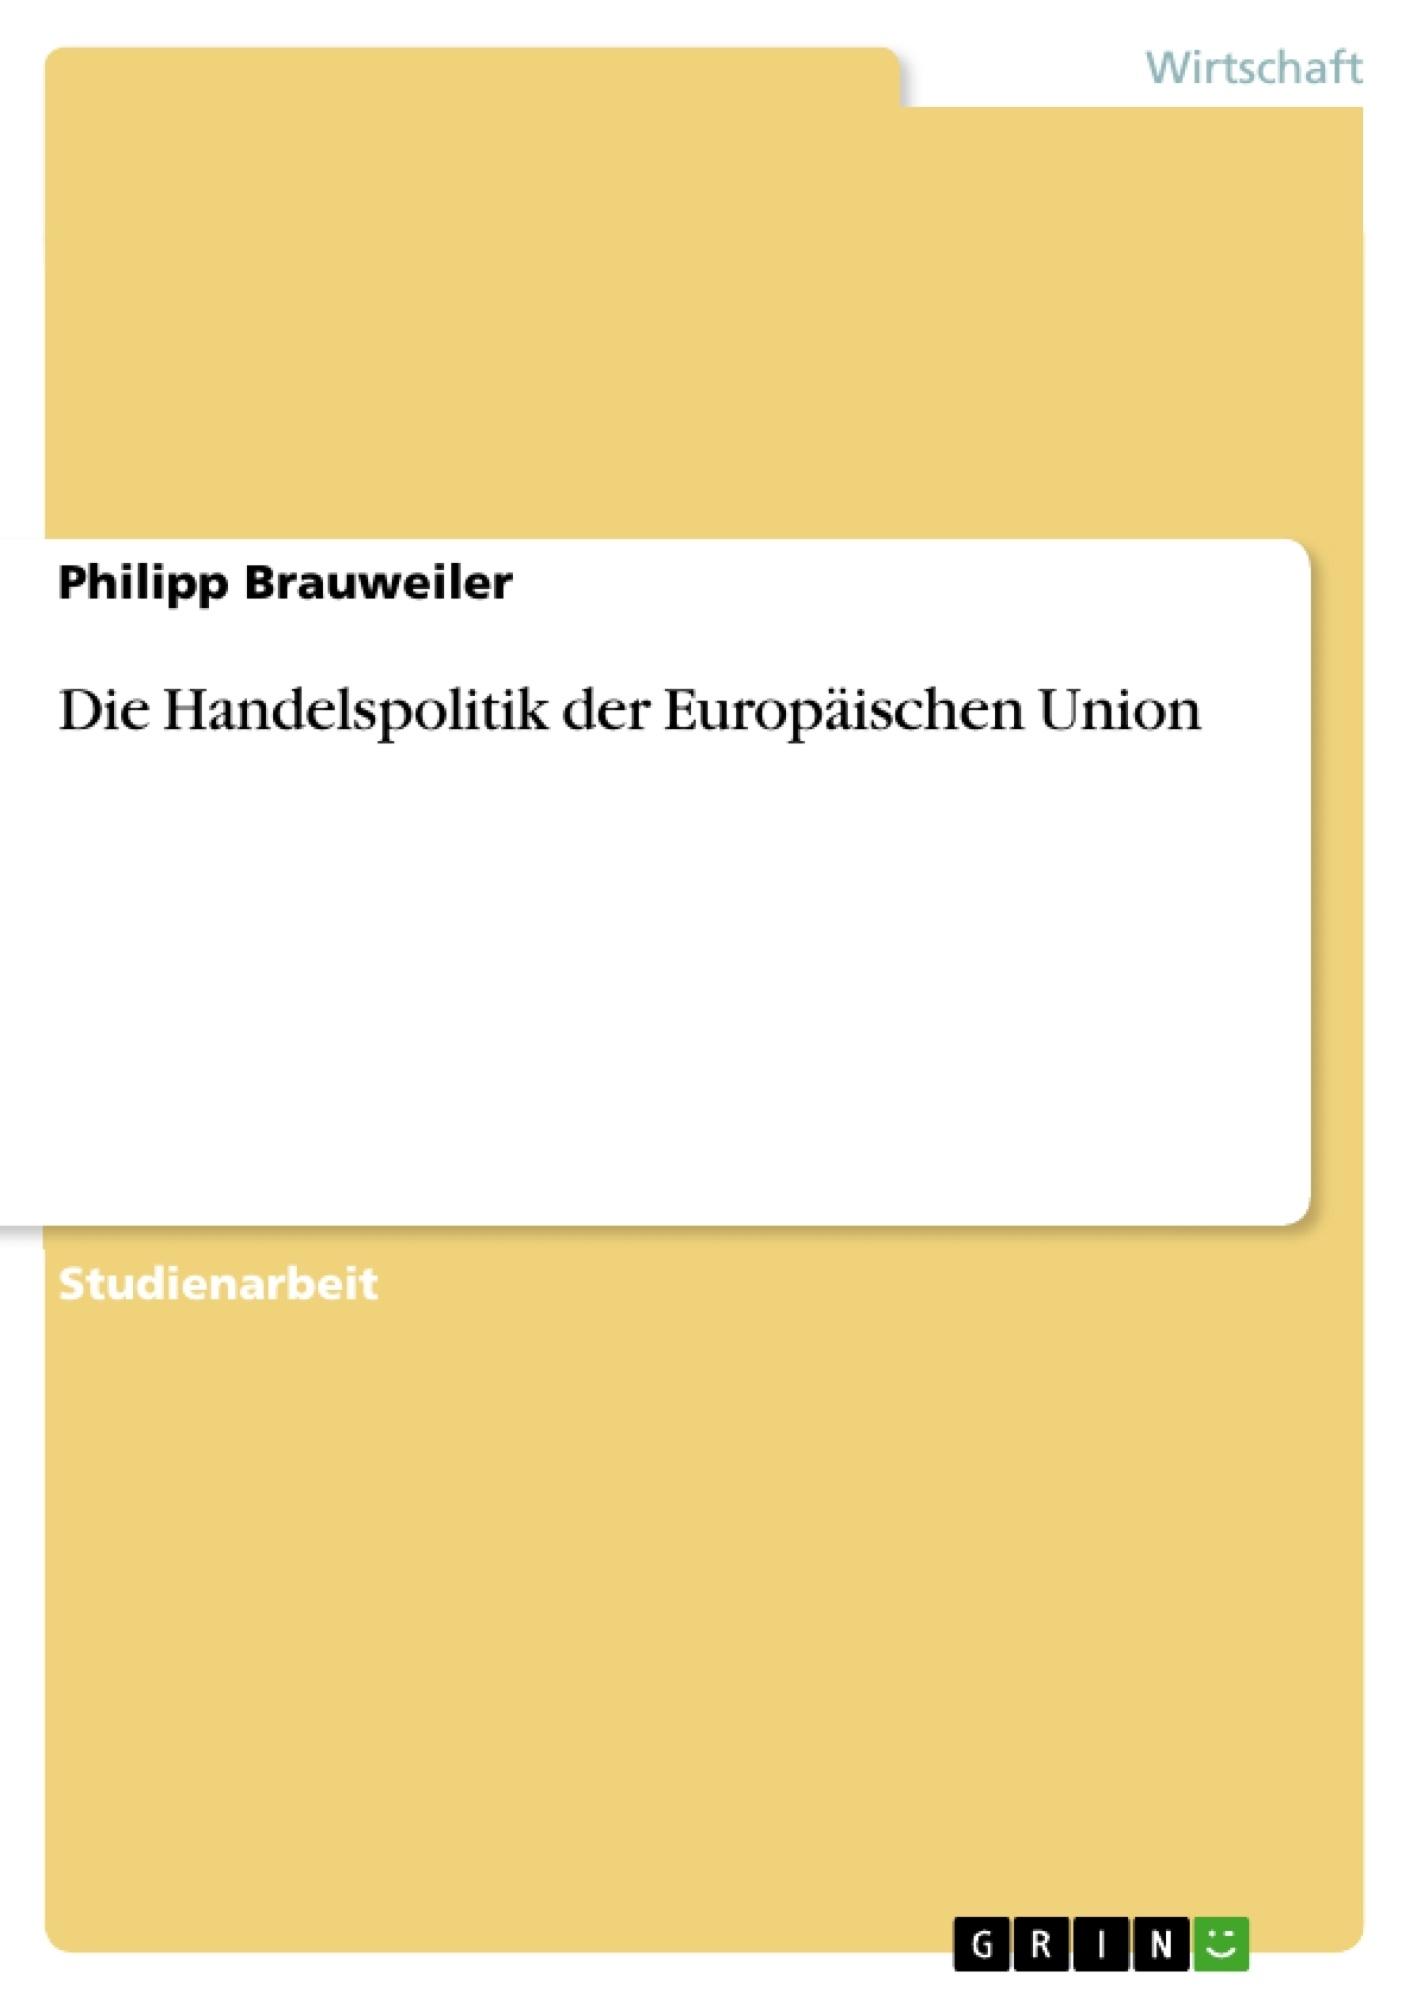 Titel: Die Handelspolitik der Europäischen Union